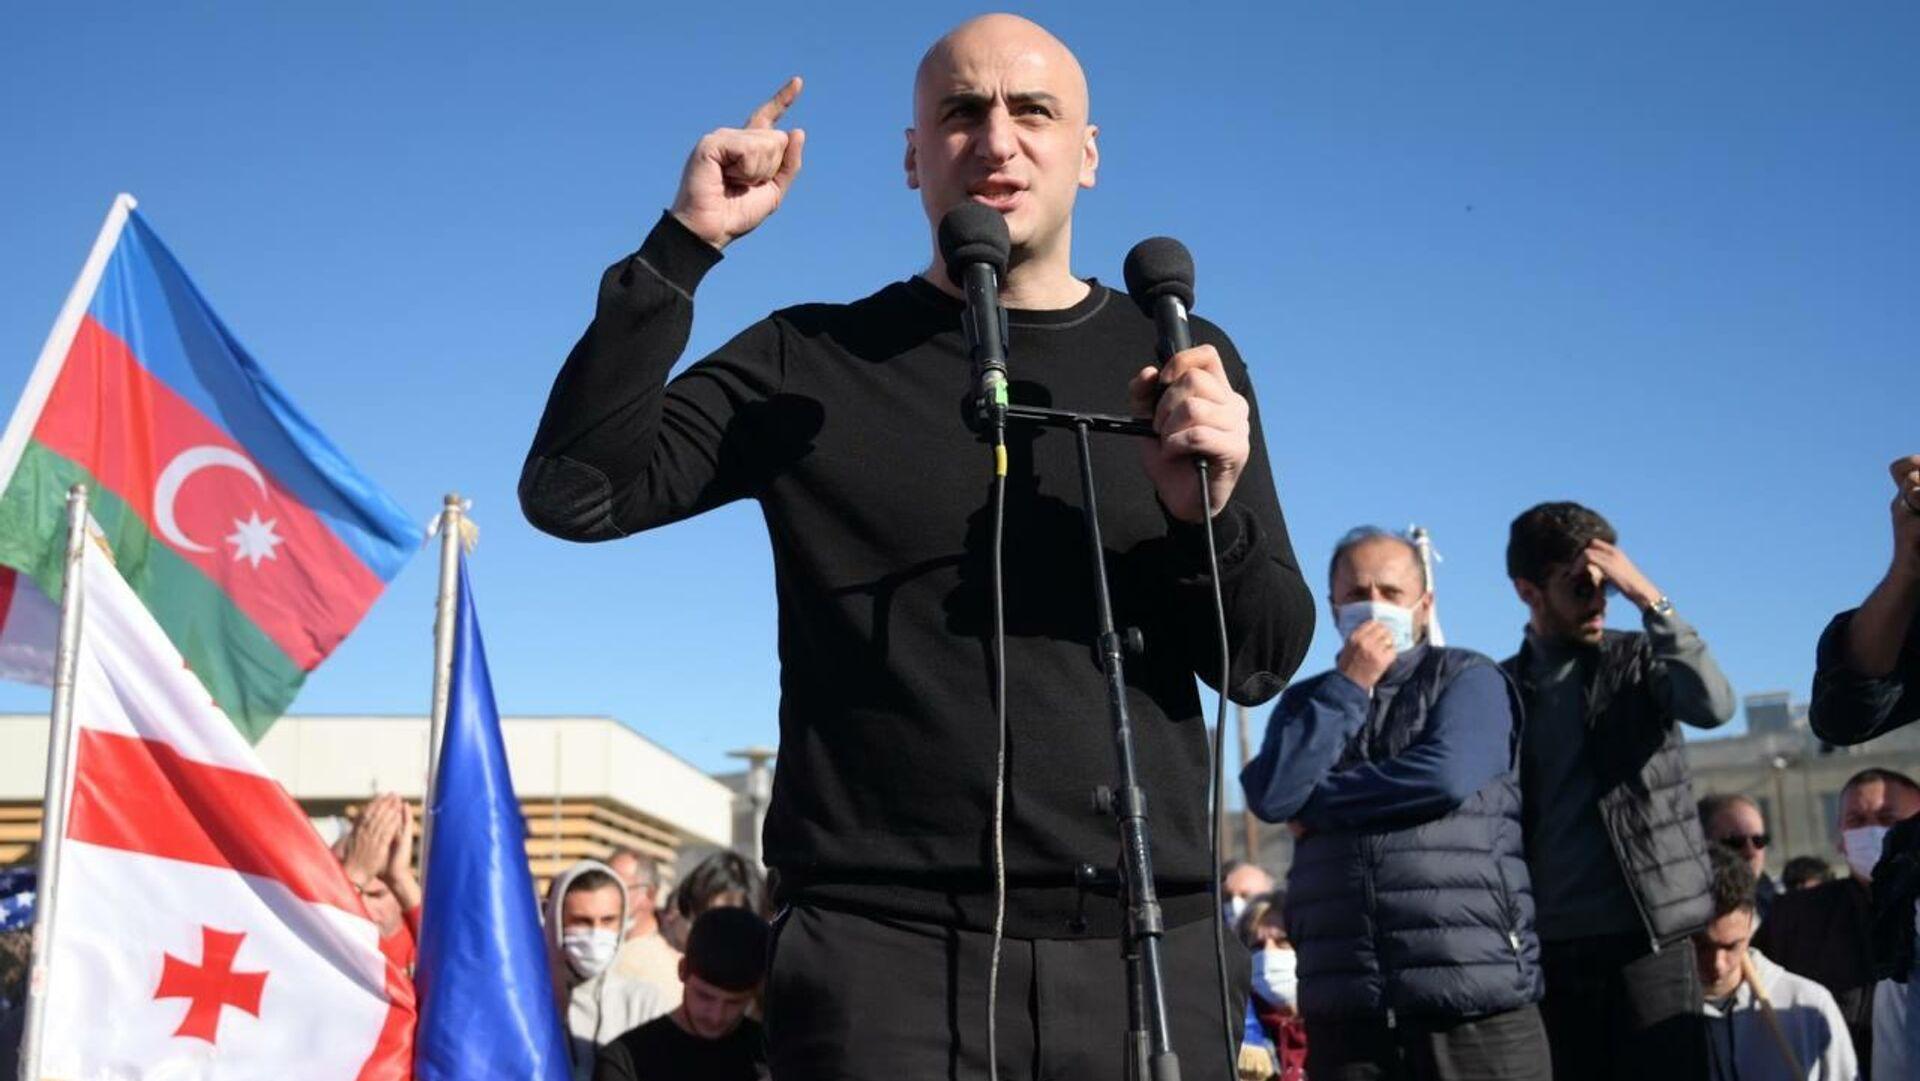 Ника Мелия. Акция протеста сторонников Саакашвили у Руставской тюрьмы 4 октября 2021 года - Sputnik Грузия, 1920, 05.10.2021